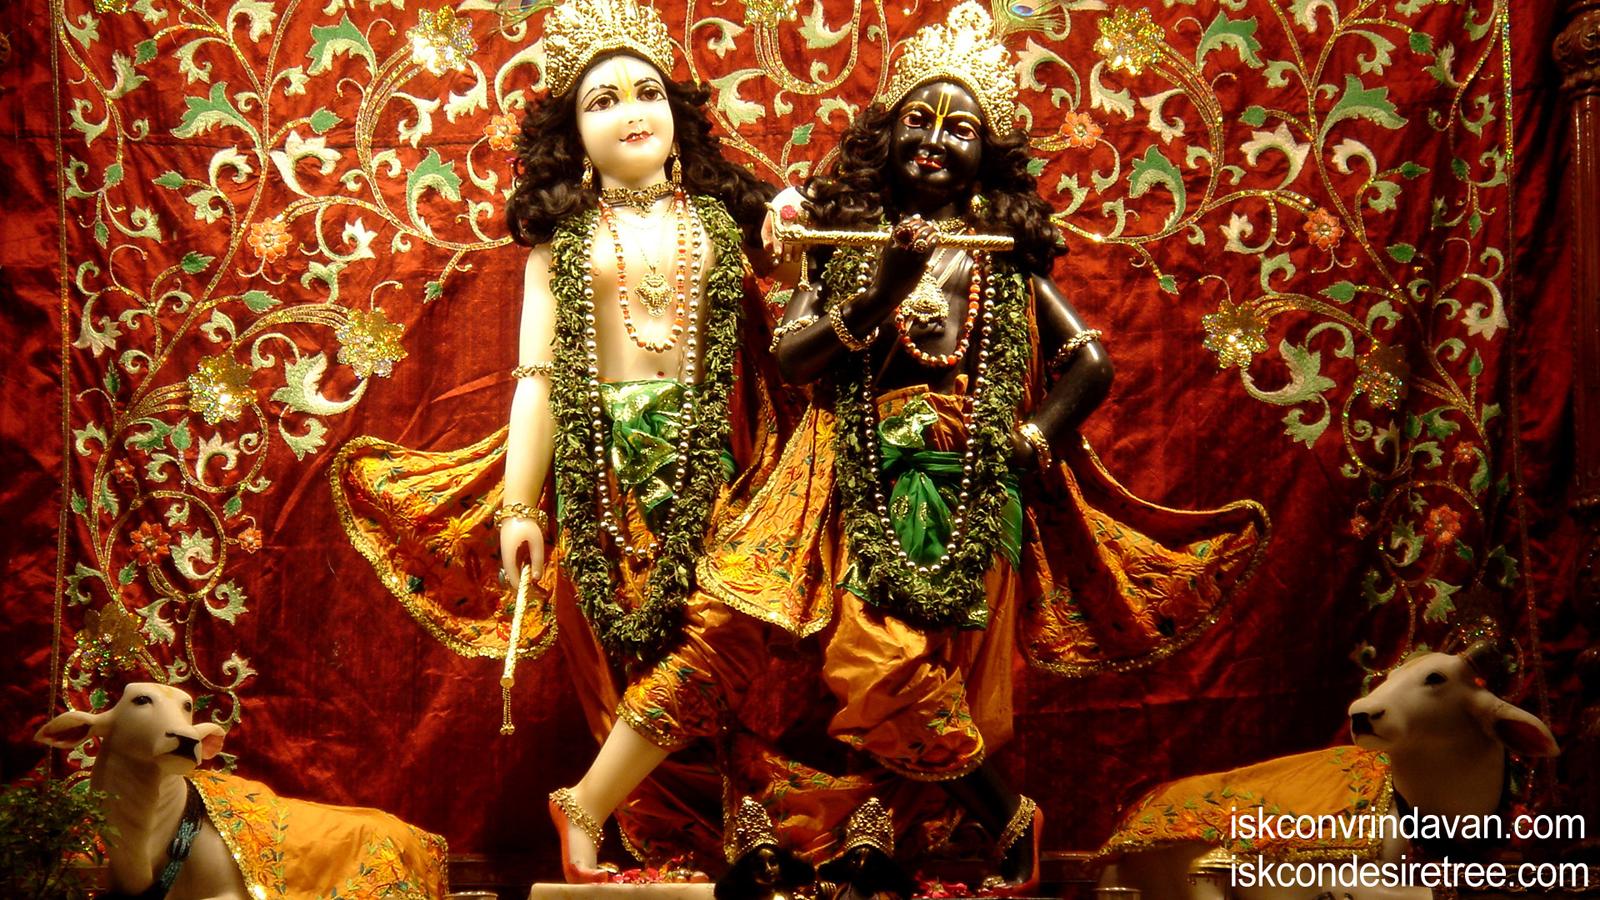 Sri Sri Krishna Balaram Wallpaper (087) Size 1600x900 Download